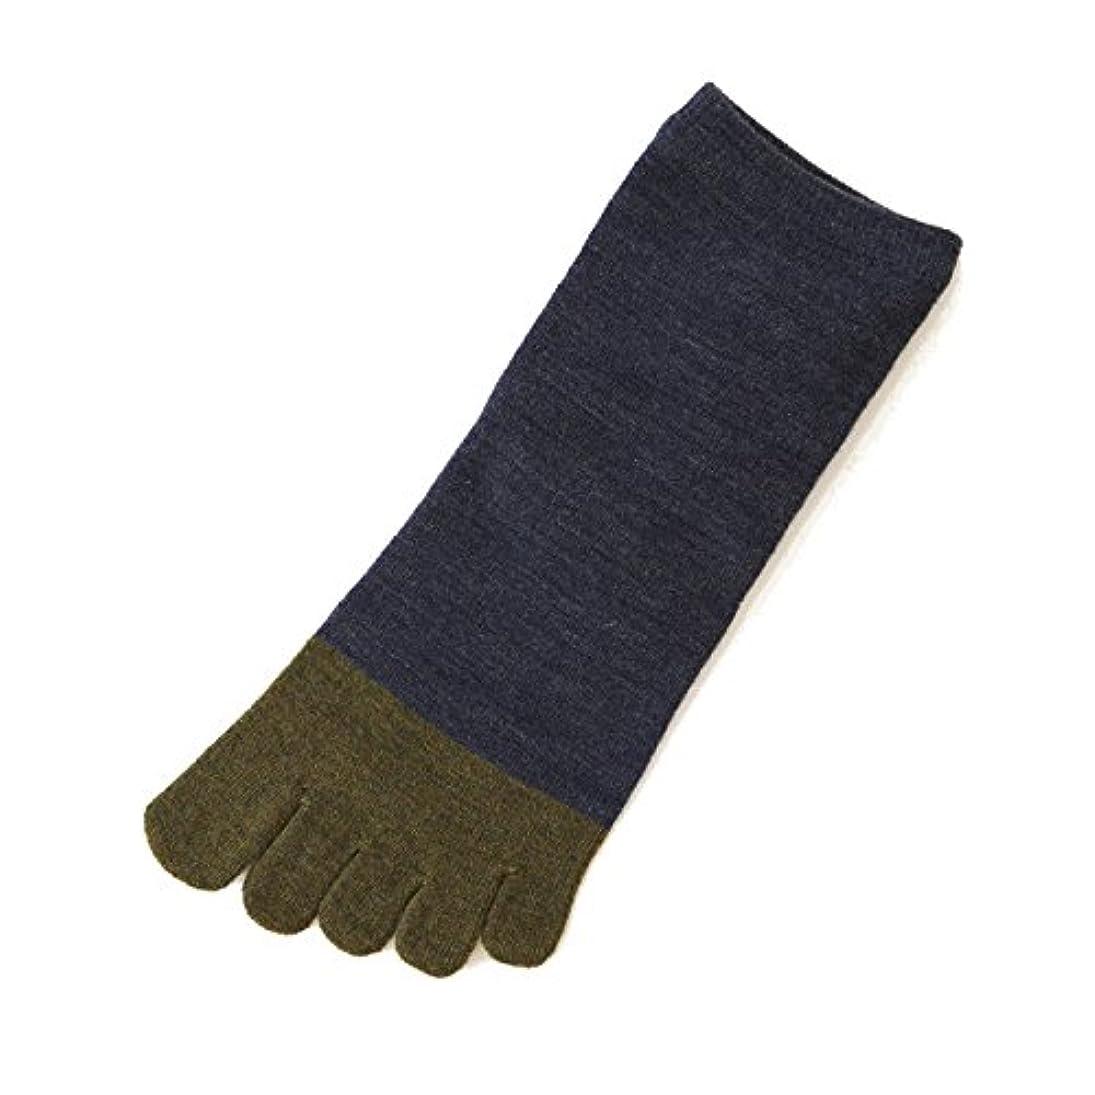 重なるサスペンションジャンプする[靴下屋]クツシタヤ 2面切り替え5本指ソックス 22.0~24.0cm 日本製 五本指靴下